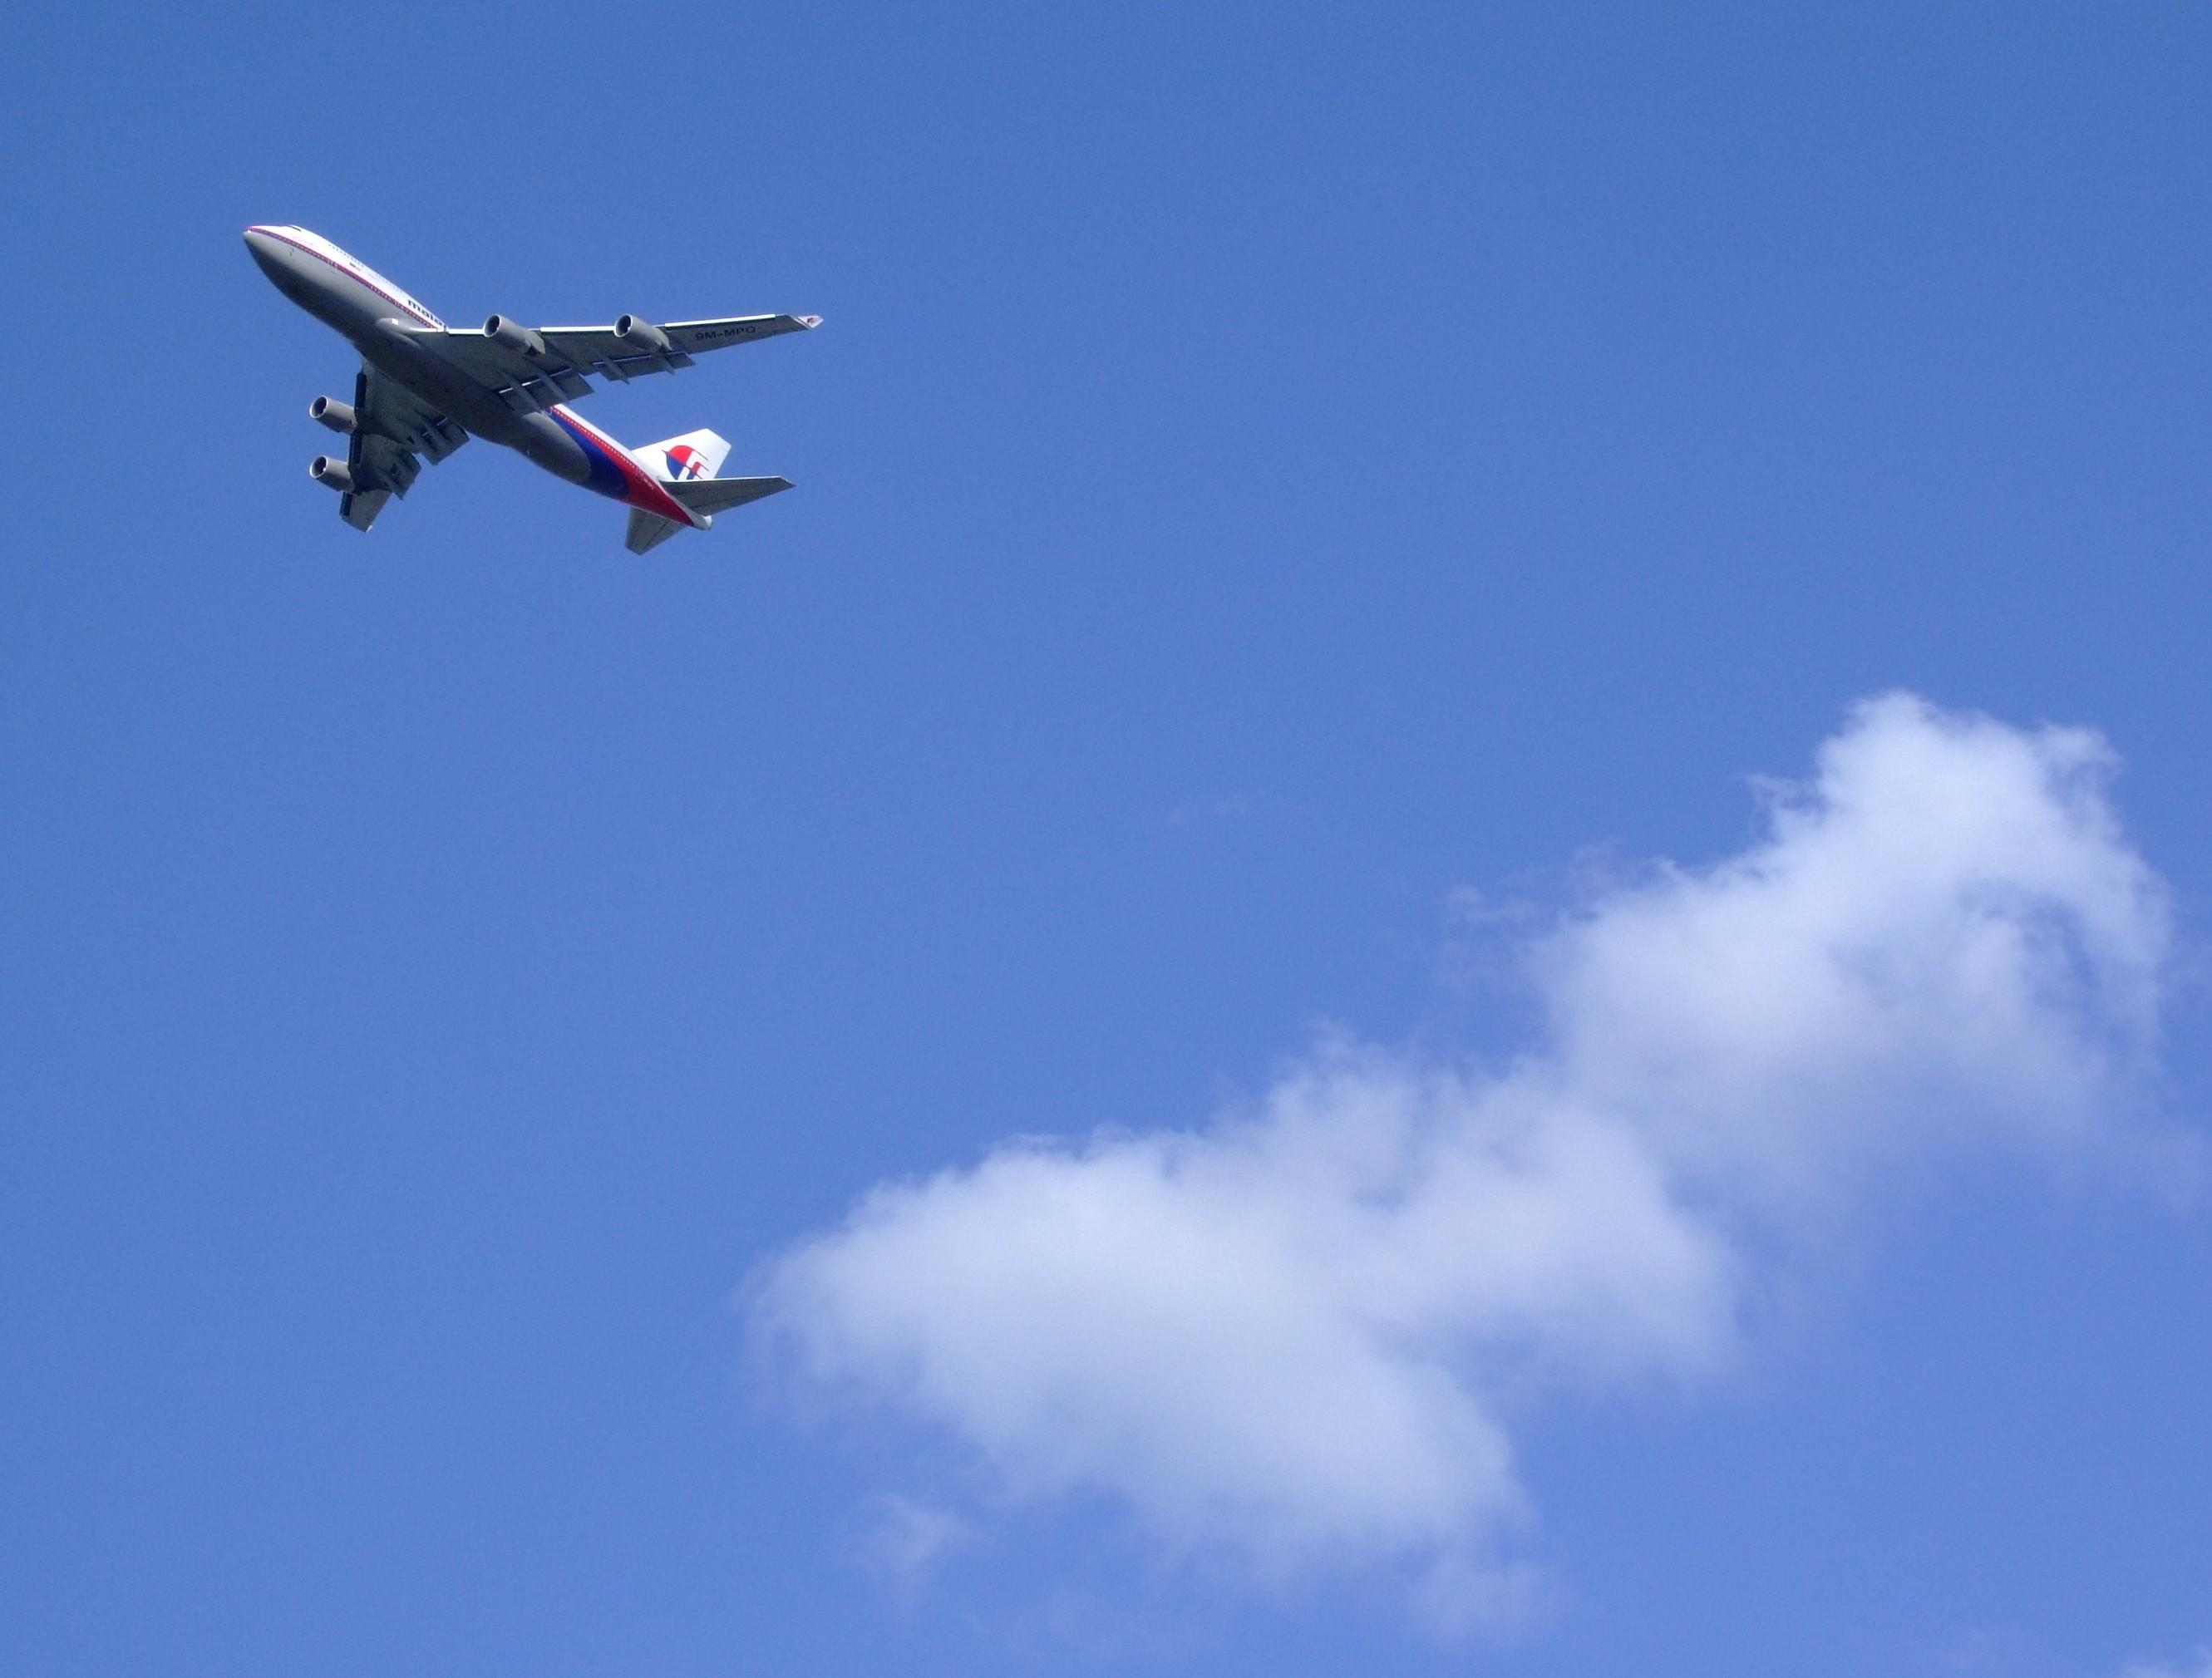 Casos de pilotos suicidas já aconteceram antes - listamos 5 deles